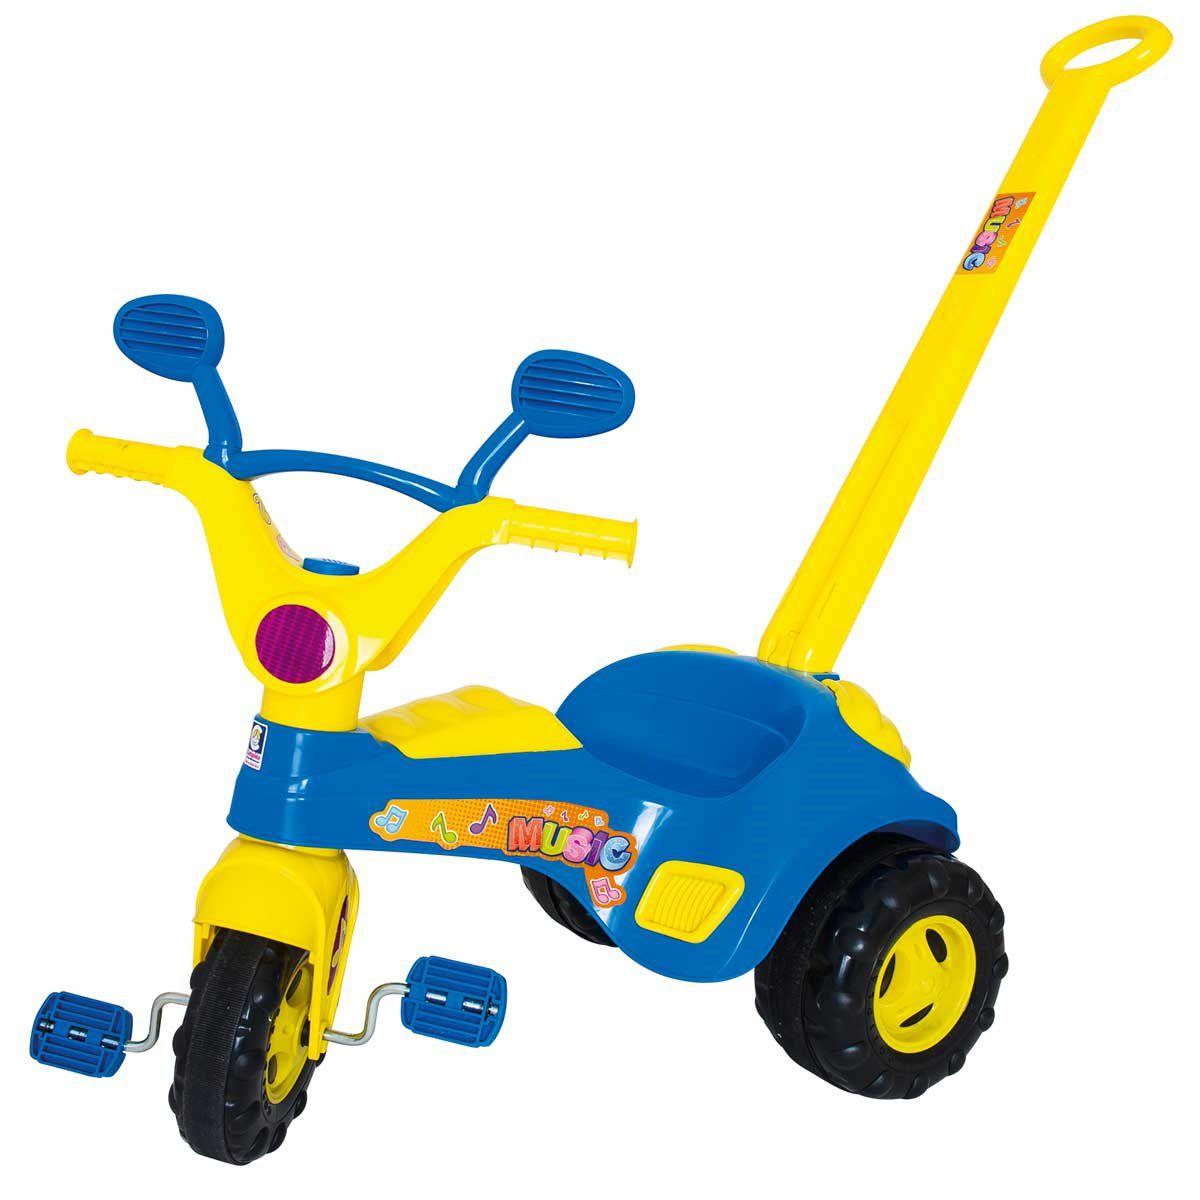 Triciclo Infantil Blue Music com Som - Cotiplás